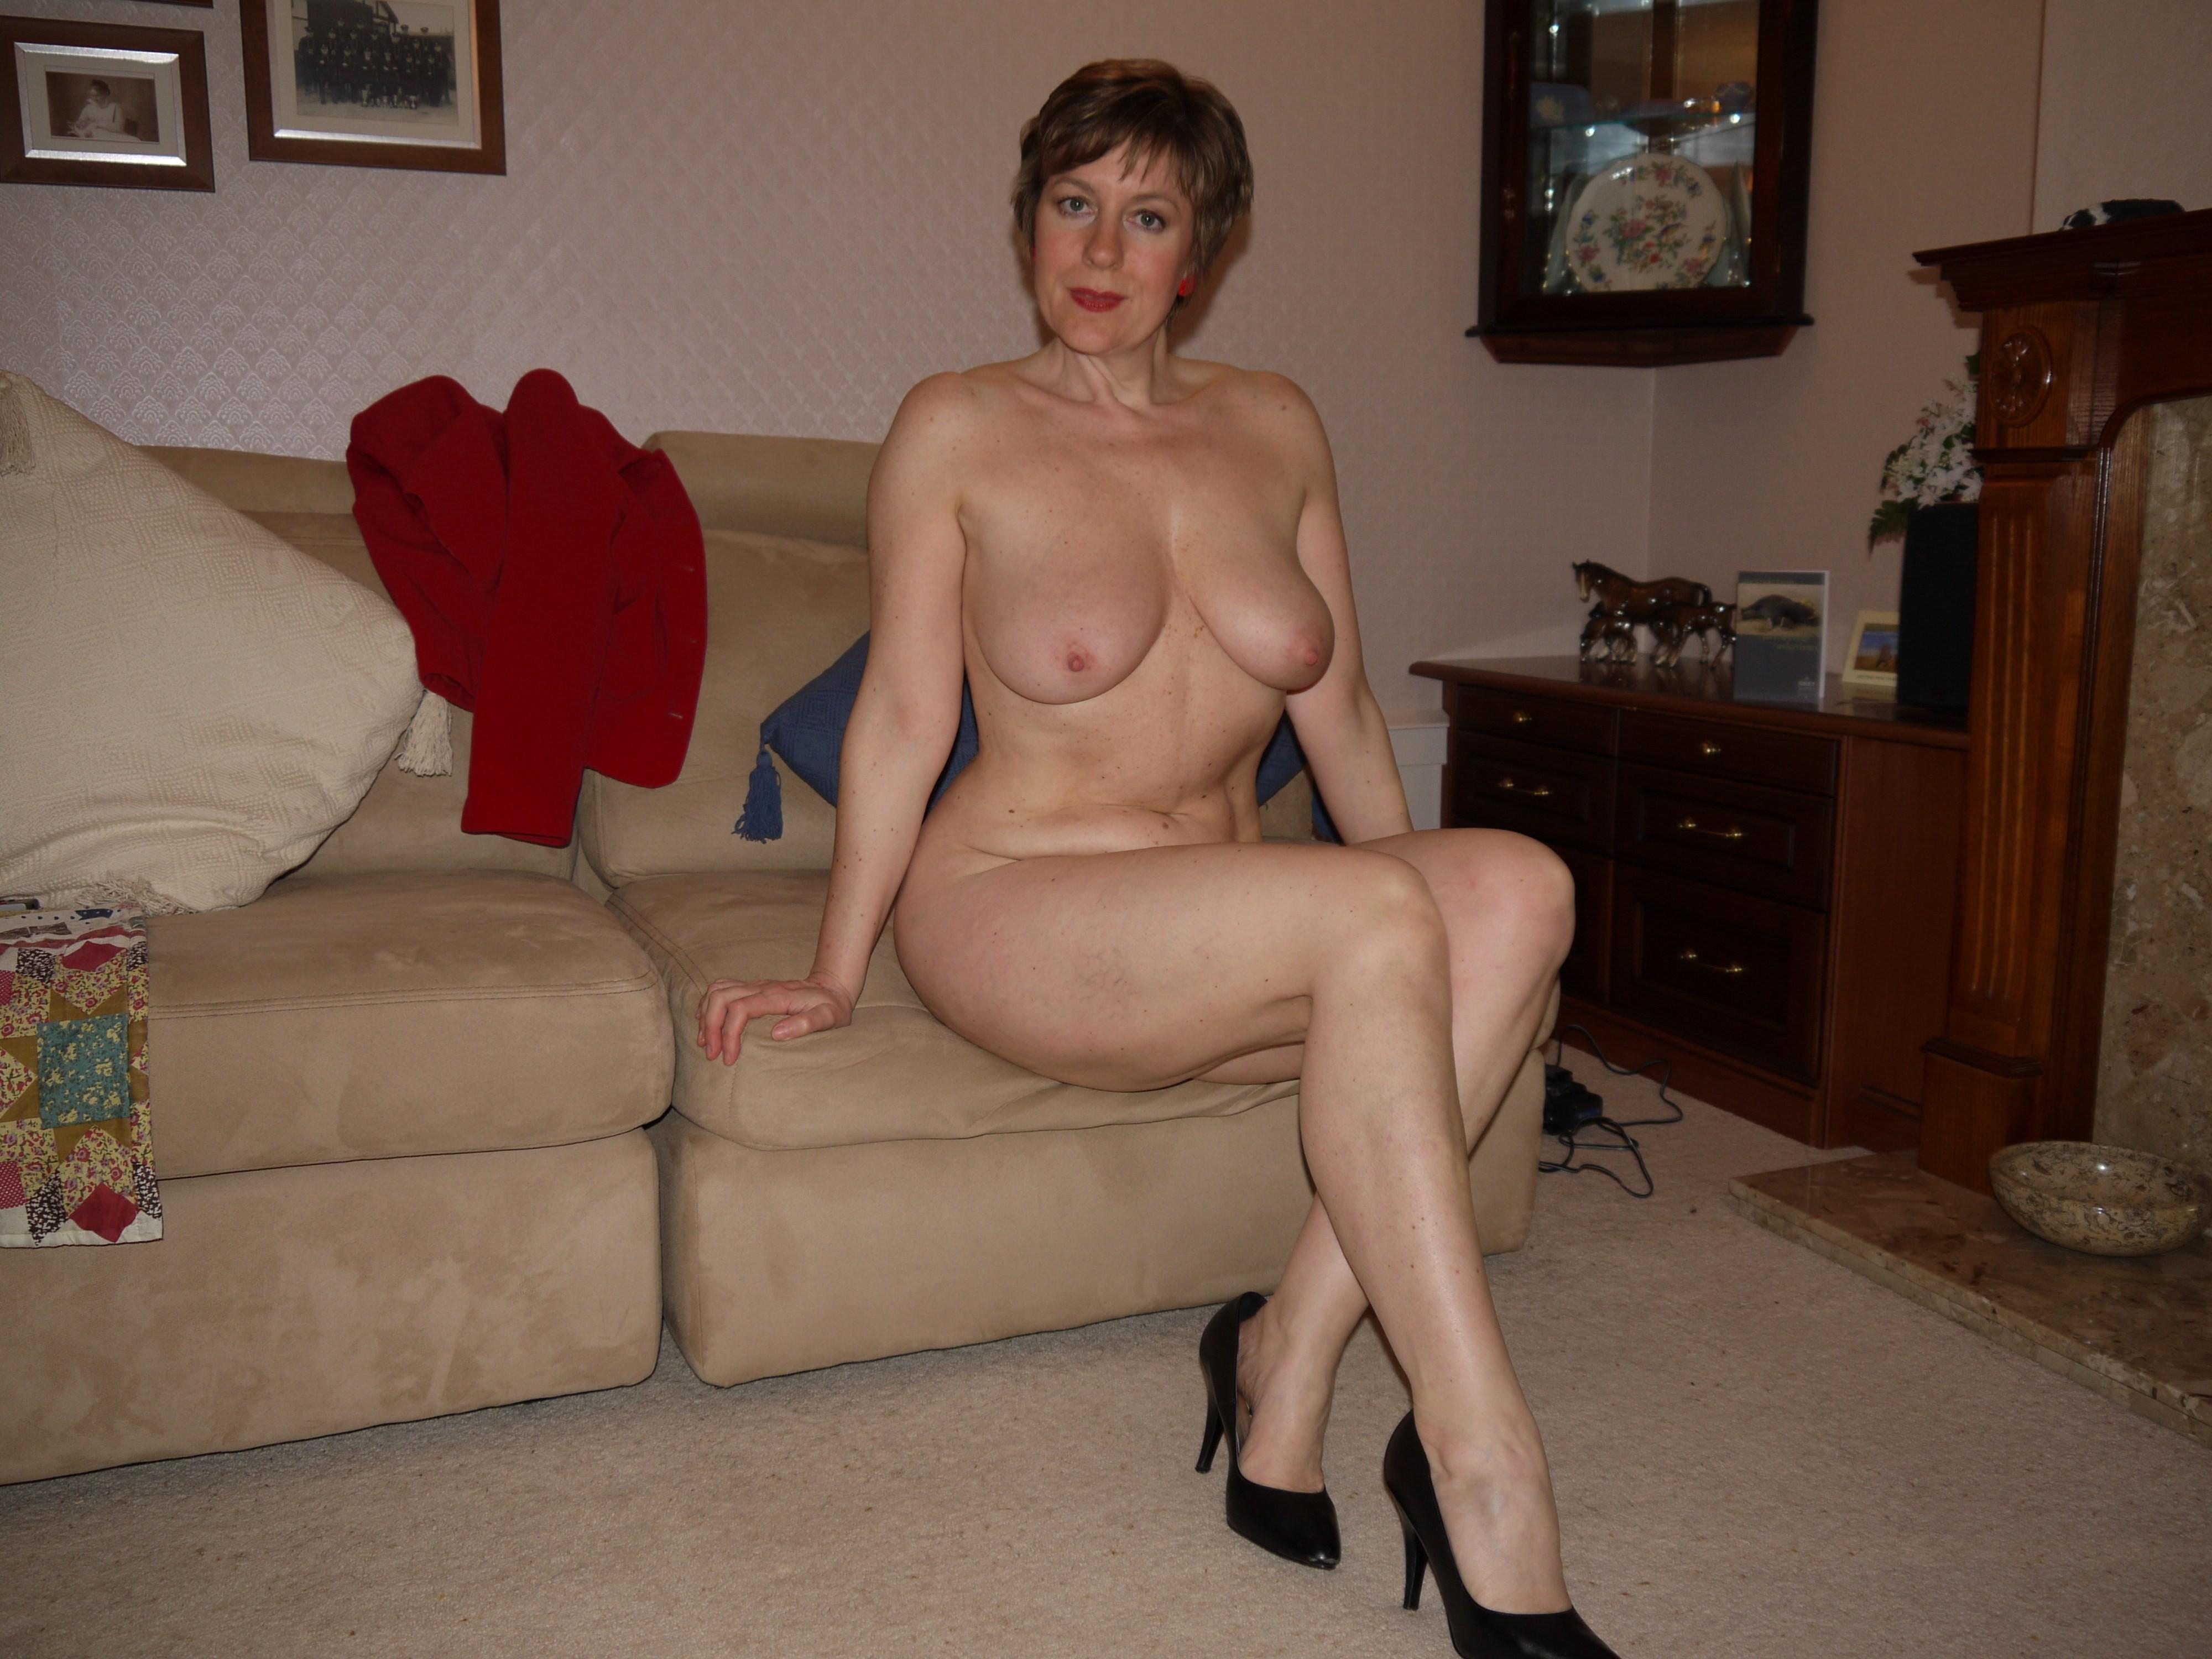 Смотреть фото голые тетки, Частное порно фото голых зрелых женщин, голые зрелки 11 фотография